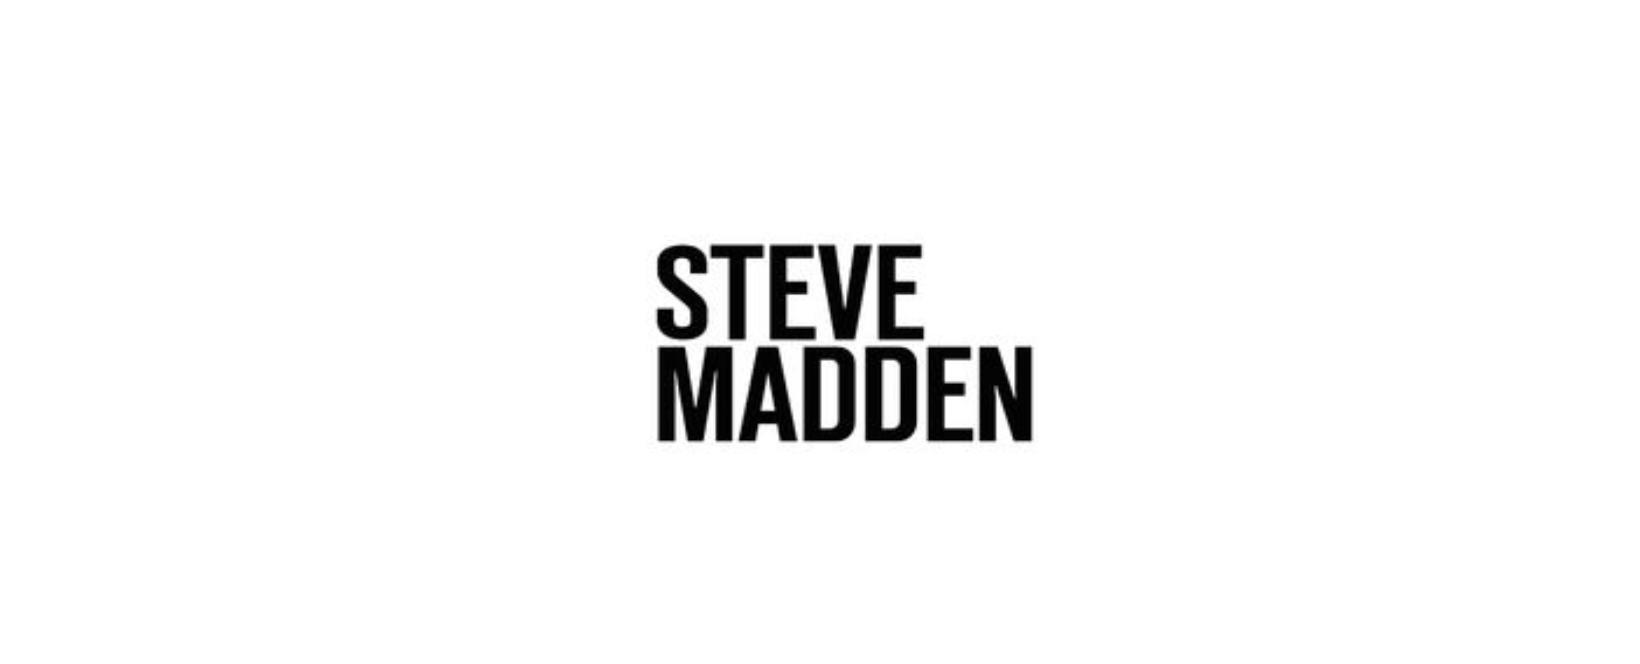 Steve Madden Discount Code 2021